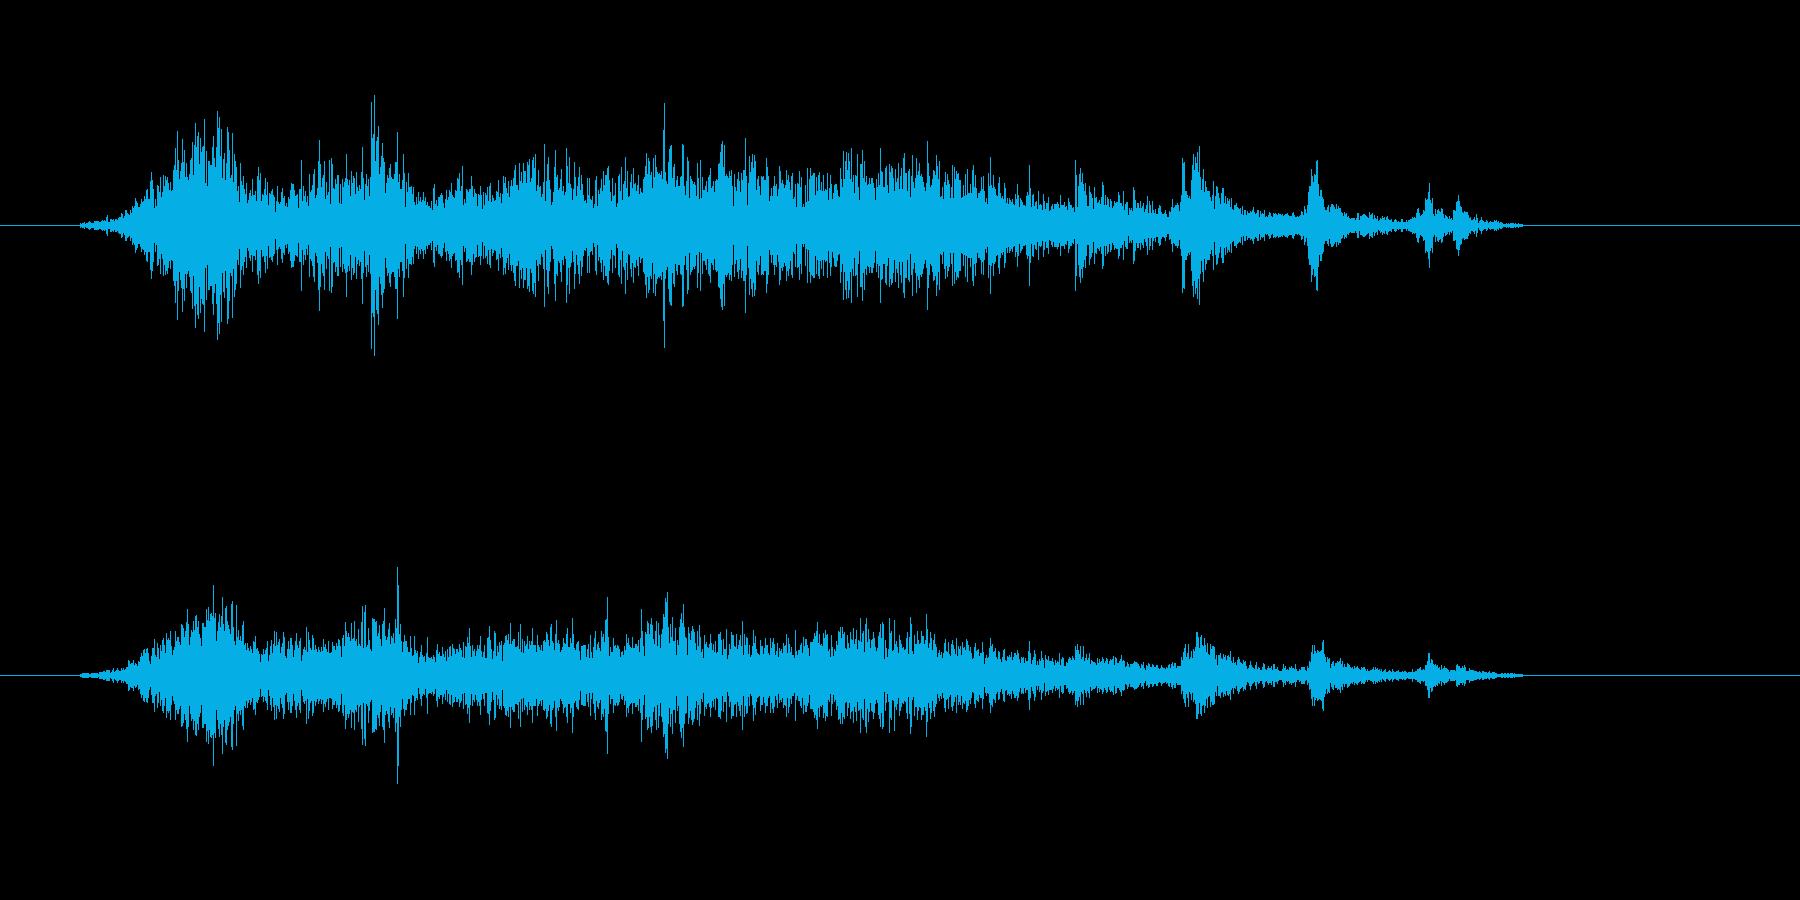 カーテンを閉める音の再生済みの波形